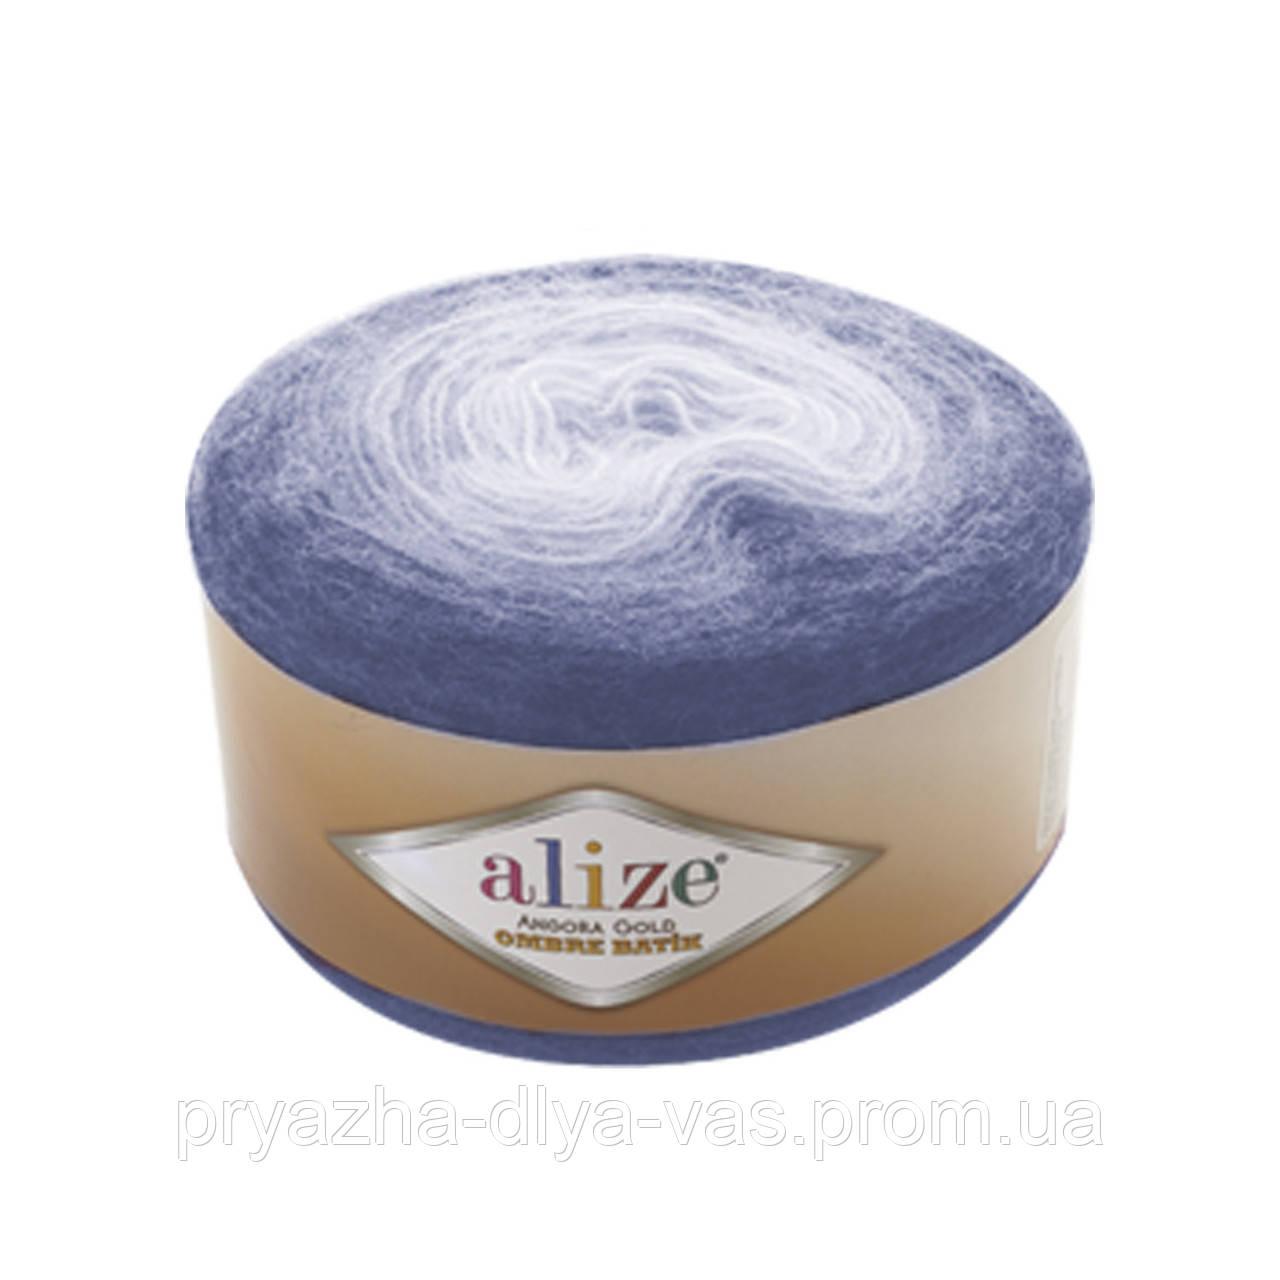 Зимняя пряжа(20% шерсть, 80% акрил) Angora Gold Ombre Batik 7303